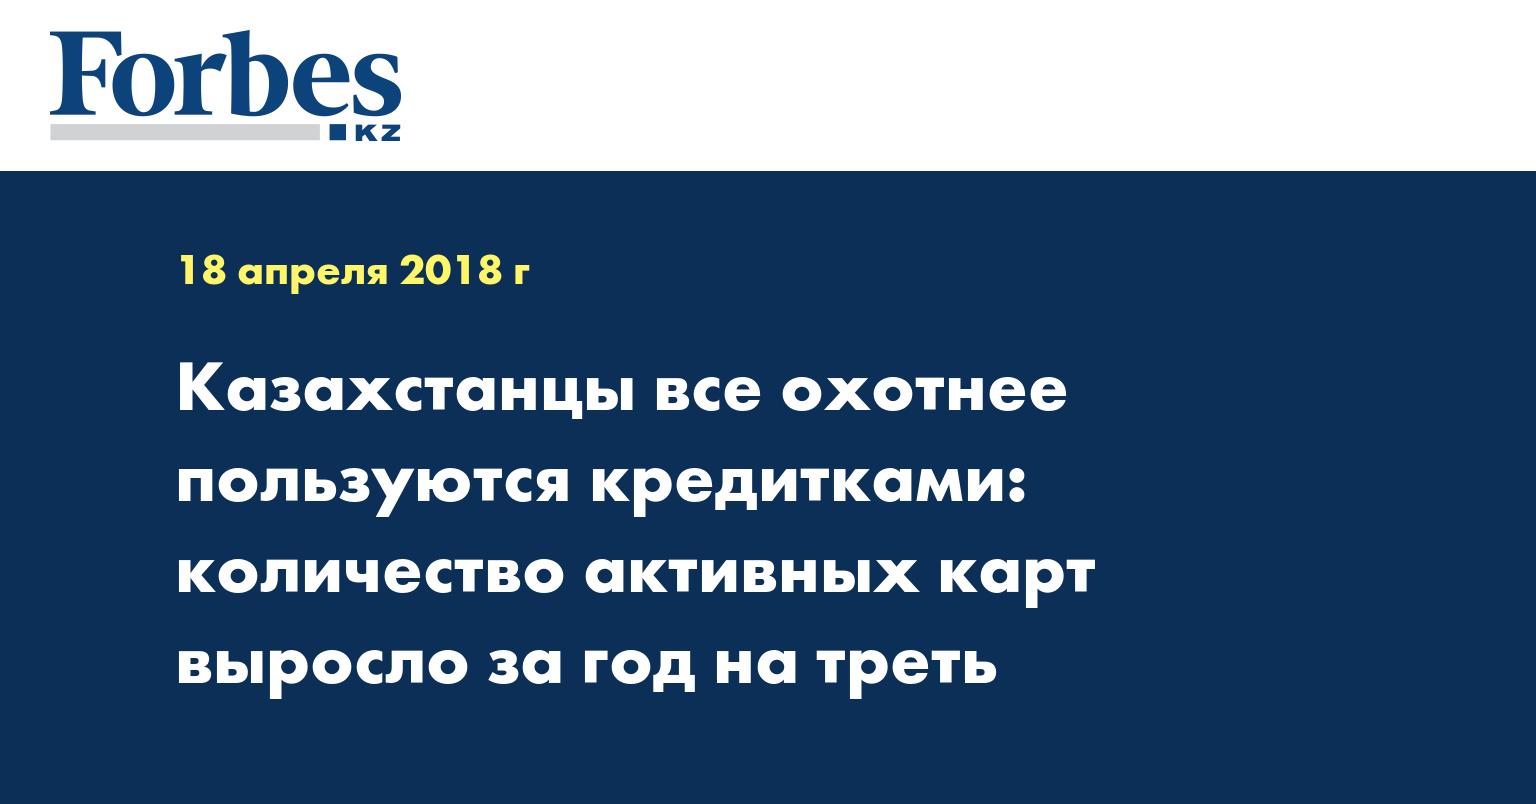 Казахстанцы все охотнее пользуются кредитками: количество активных карт выросло за год на треть